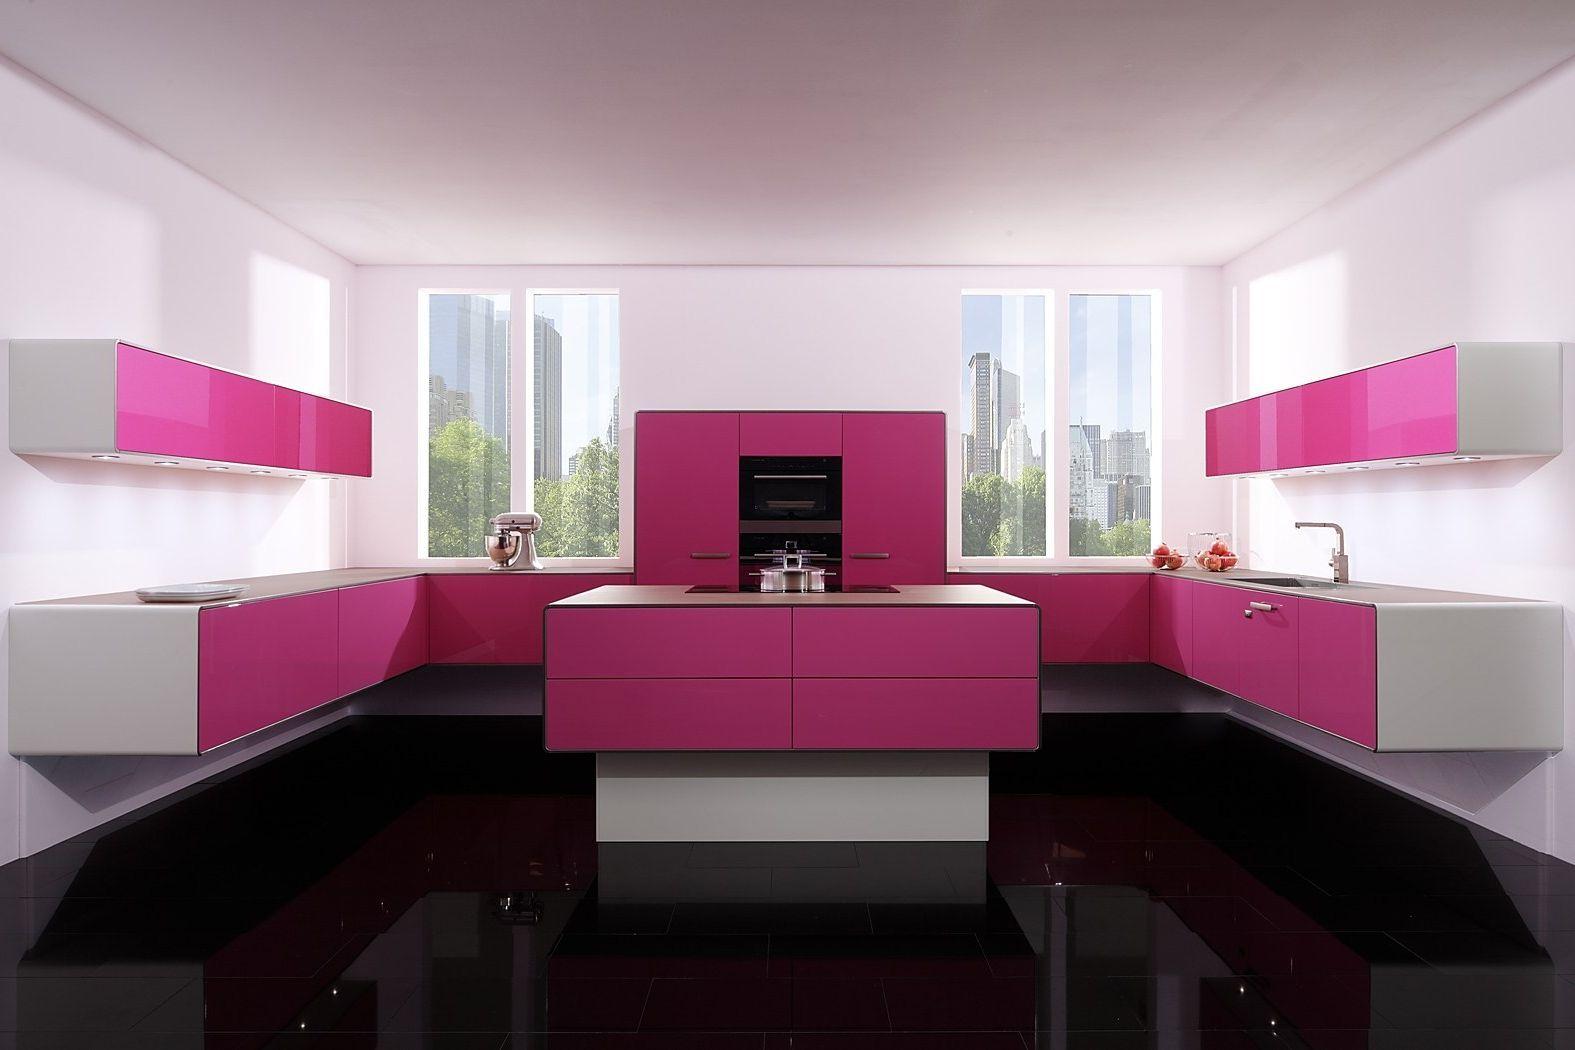 Kuche Pink Hochglanz Kuche Wandfarbe